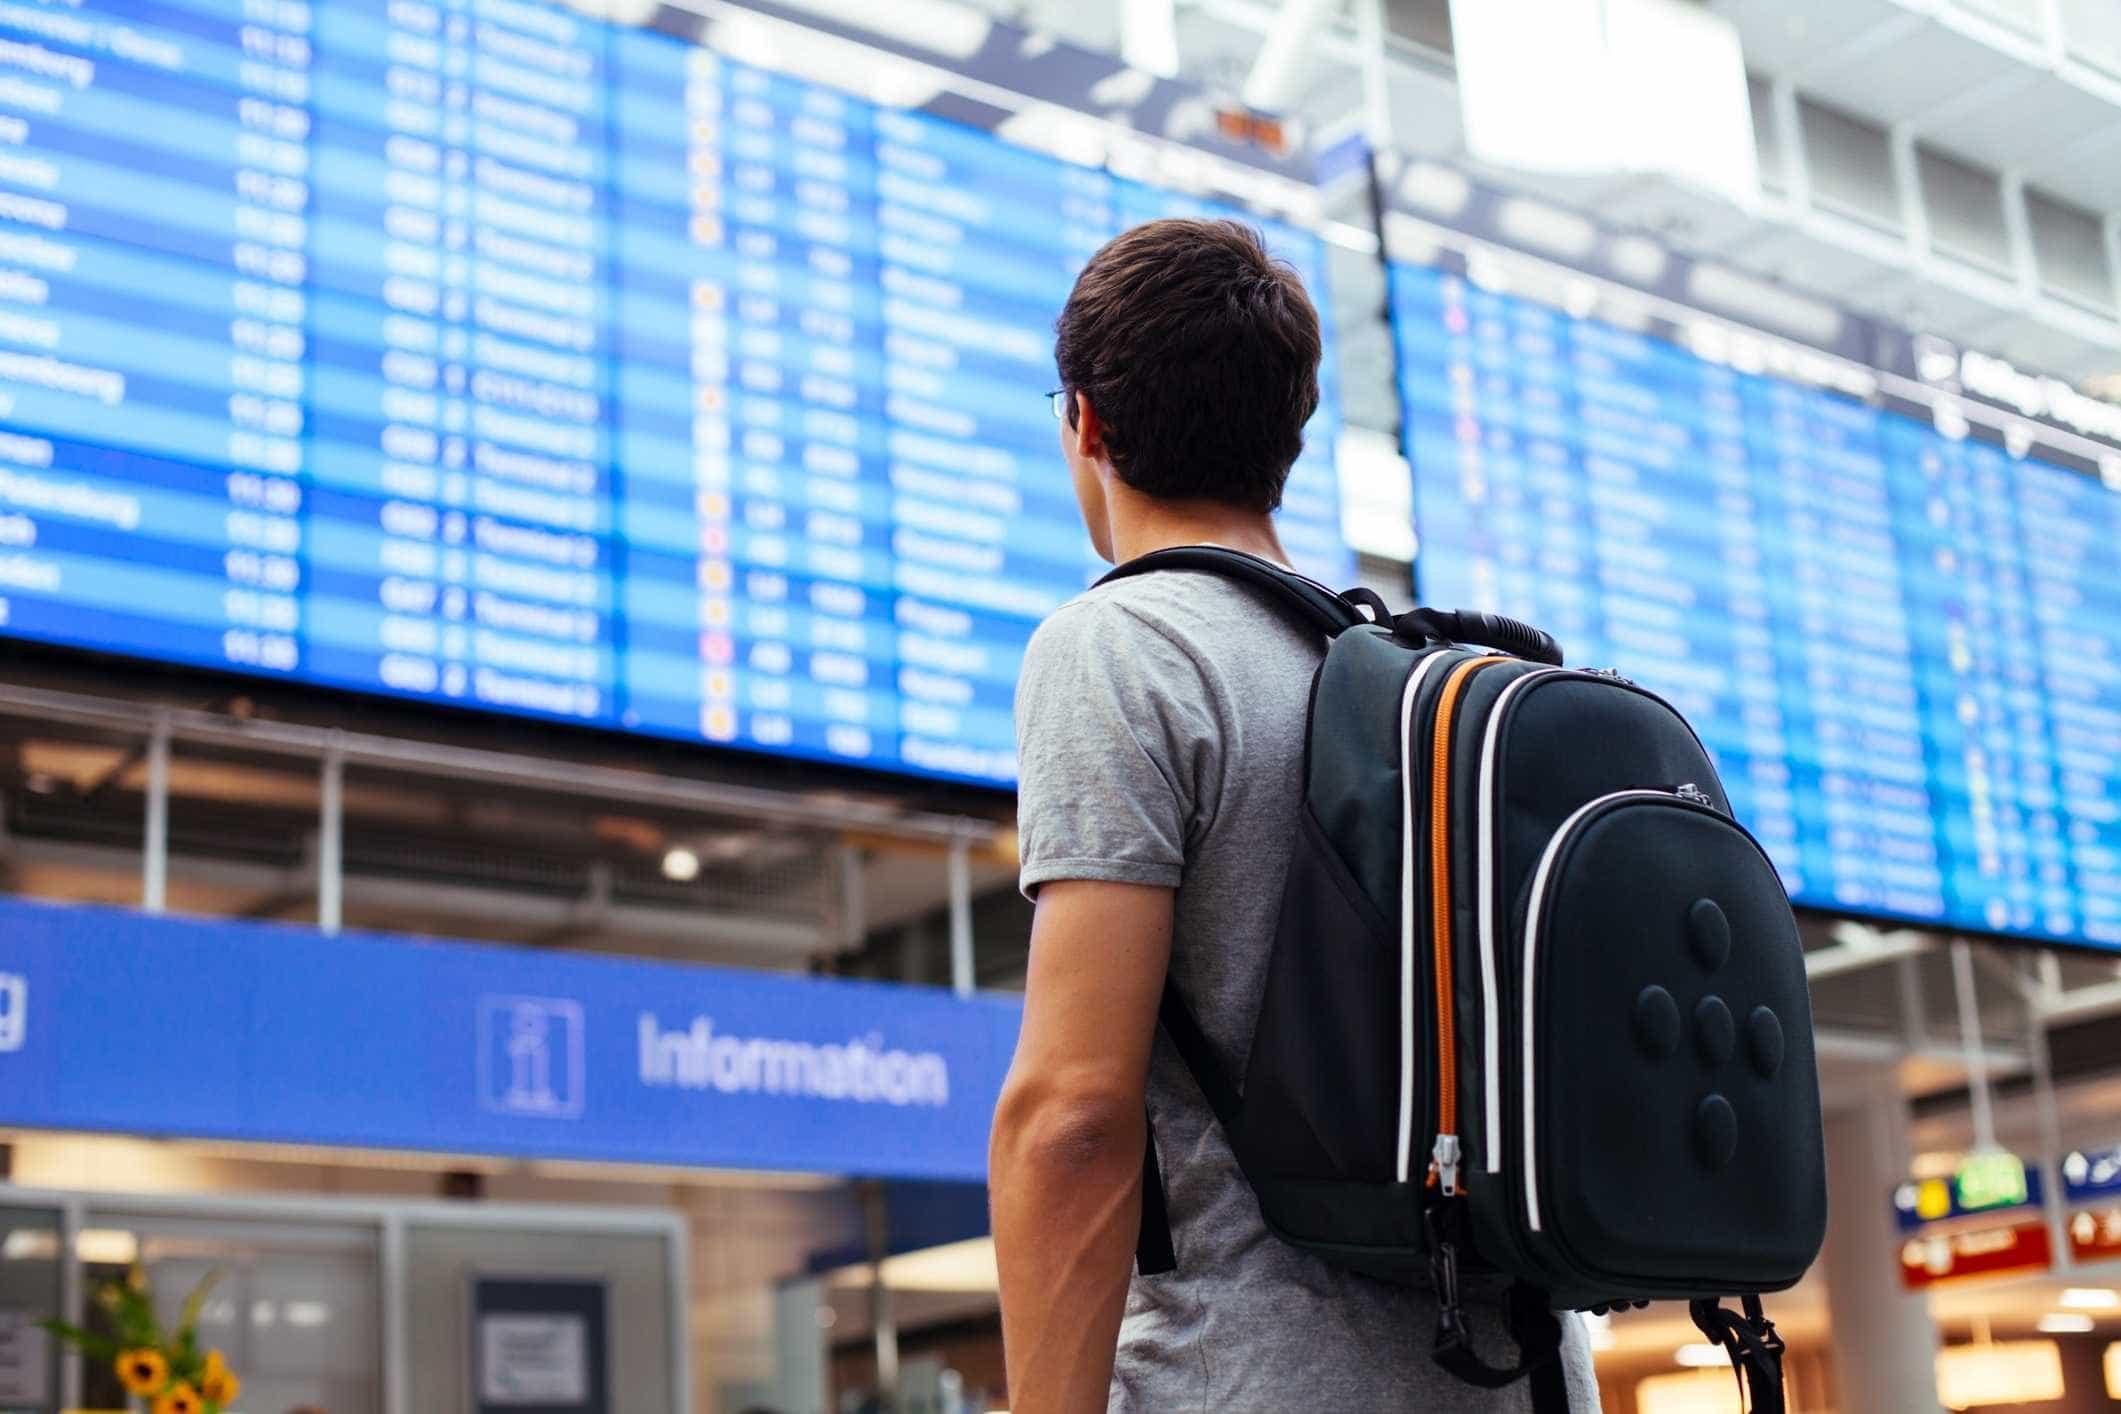 Viagens turísticas de residentes portugueses abrandam no 2.º trimestre